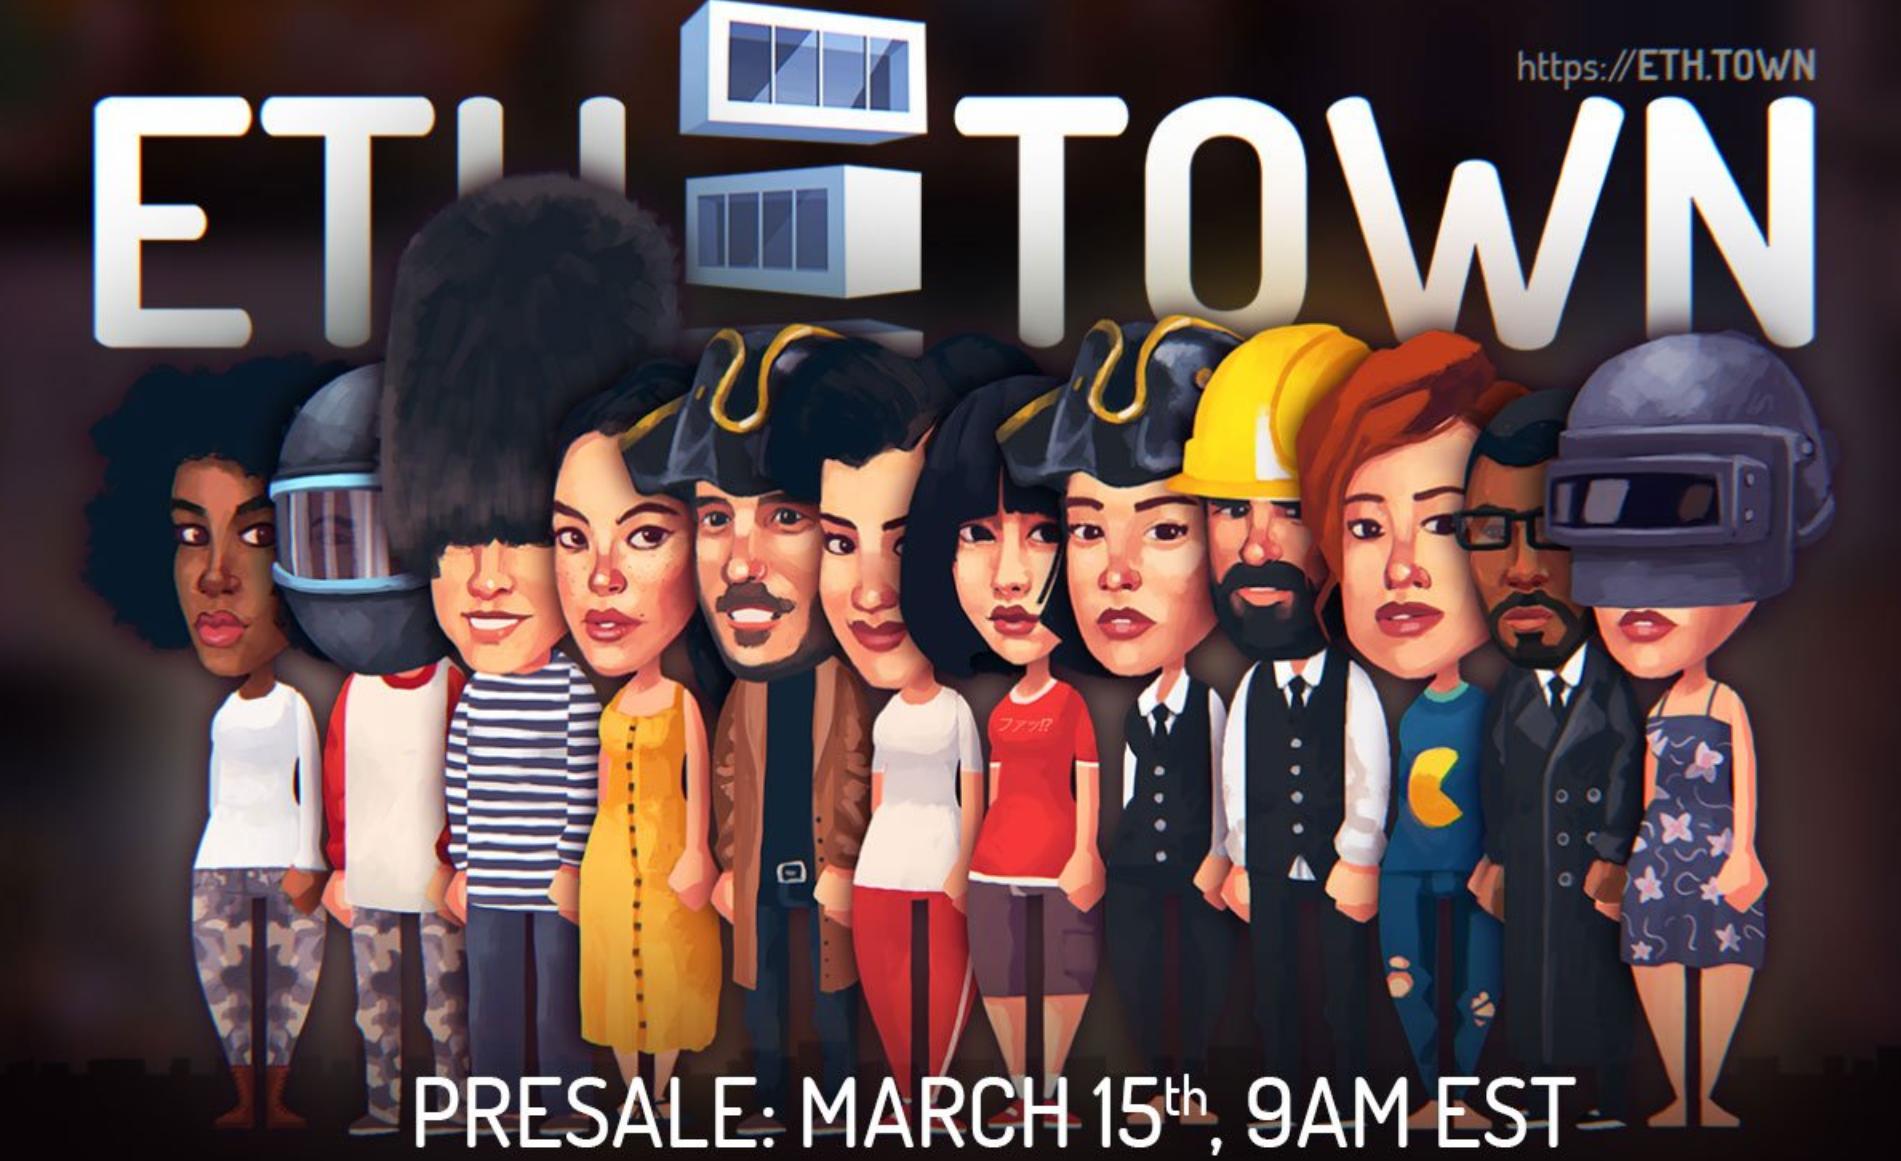 ETH TOWN(イーサタウン)プレセール!ゲームの始め方と公開情報まとめ